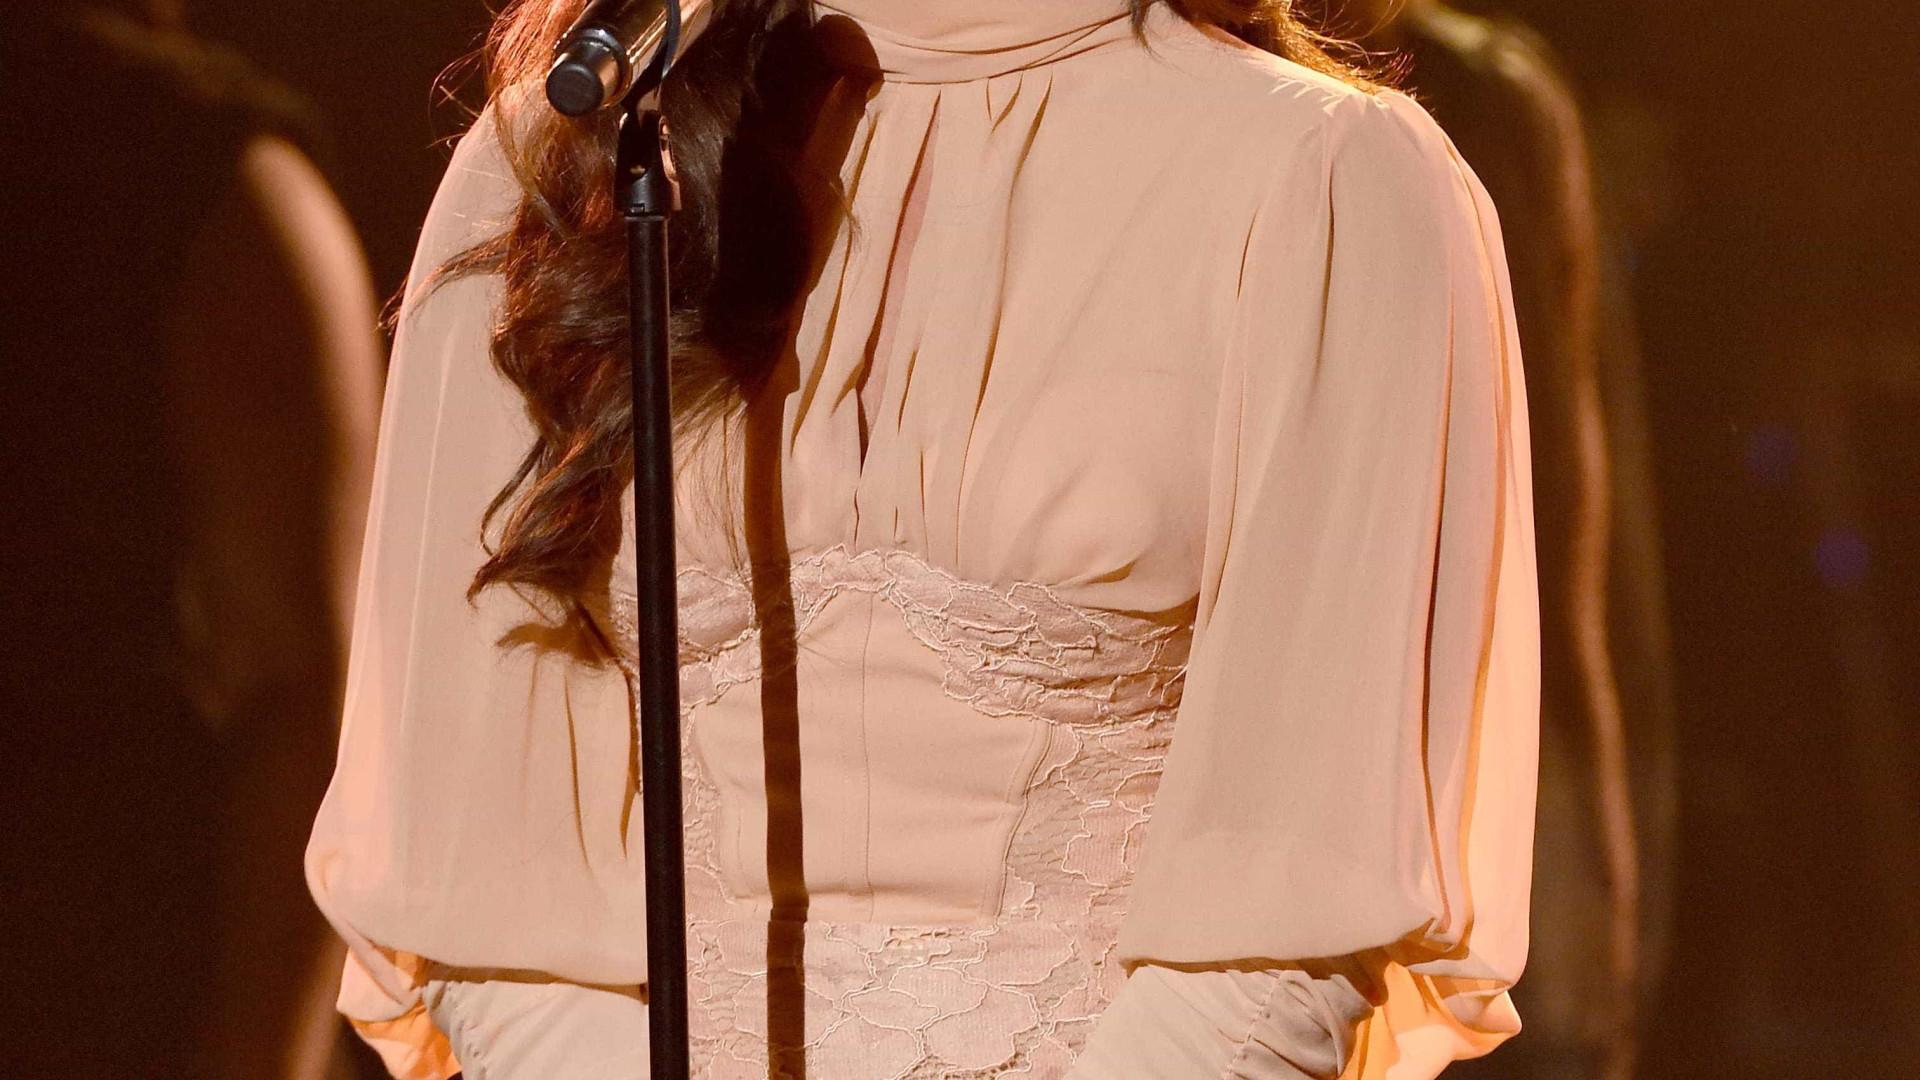 Demi Lovato admite que consumia drogas enquanto promovia a sobriedade